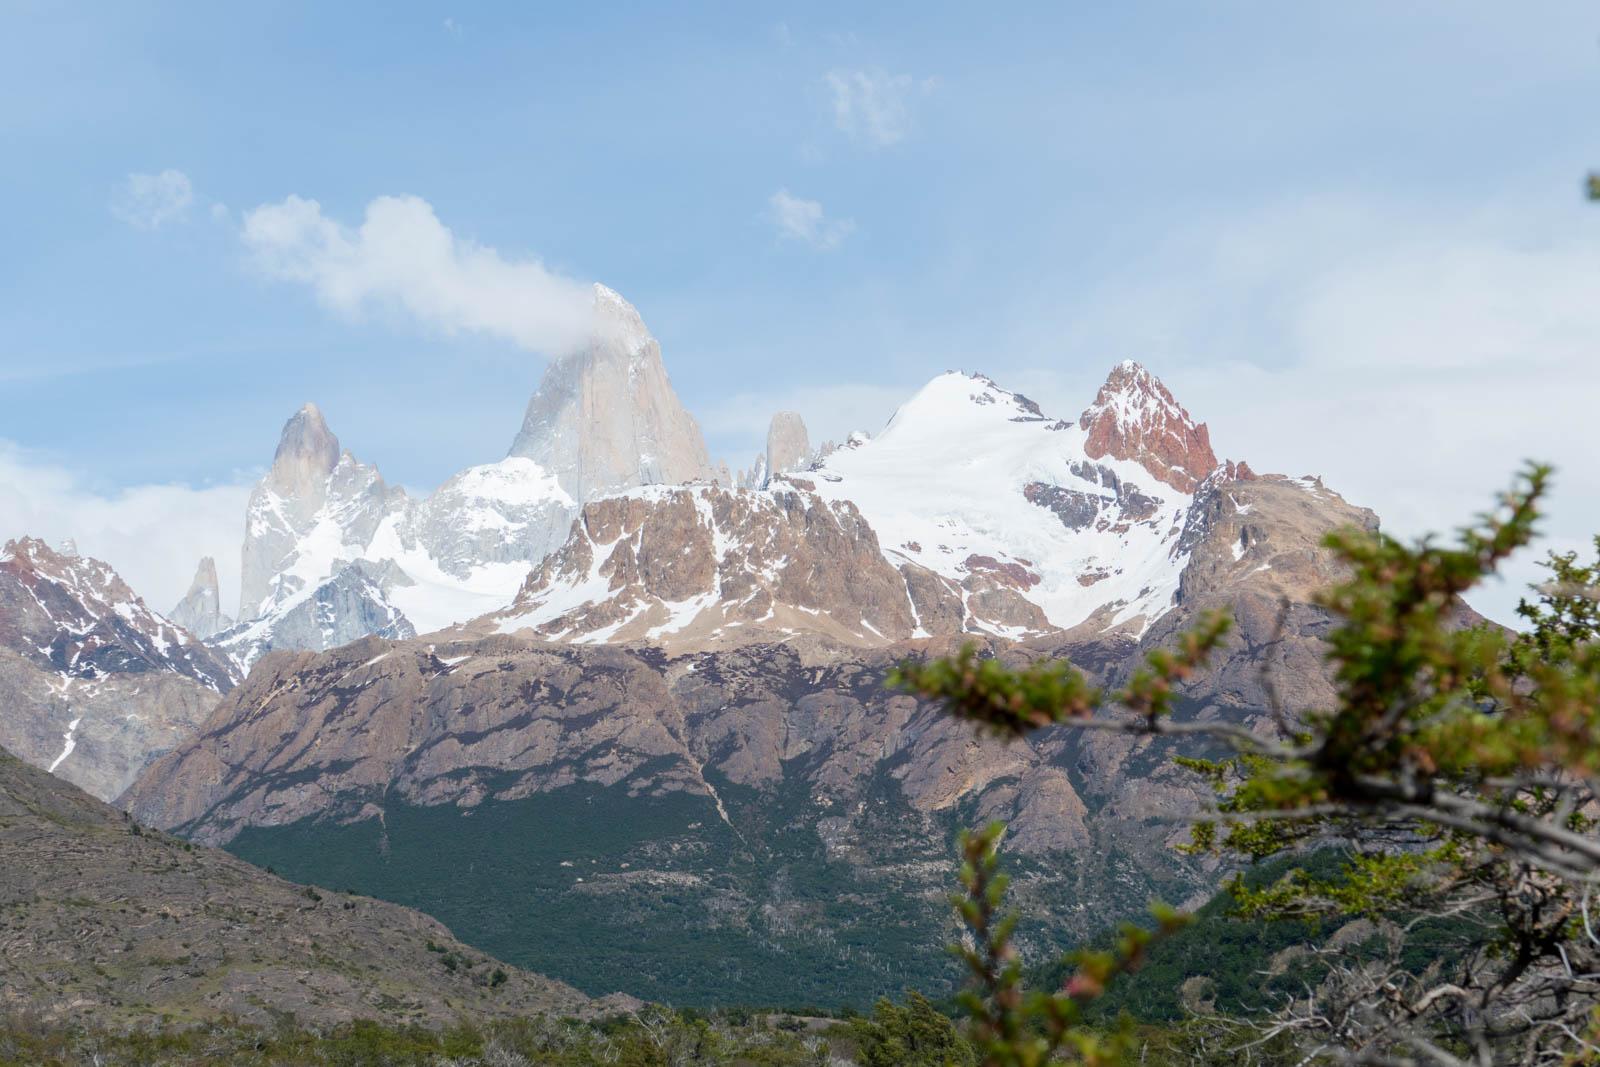 The smoking mountain Chalten, or FitzRoy